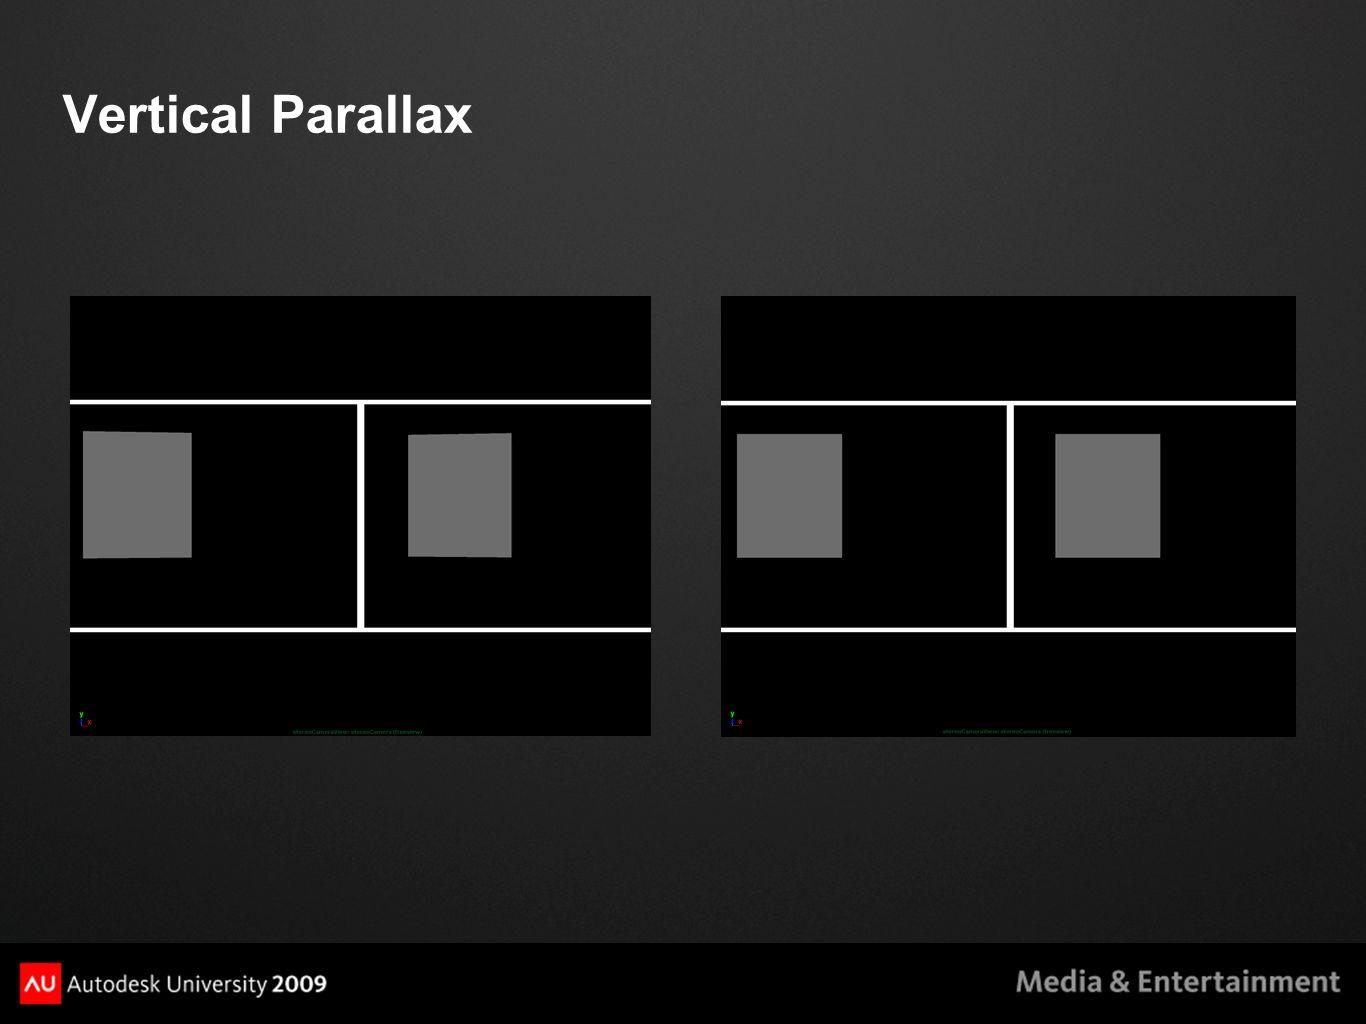 Vertical Parallax